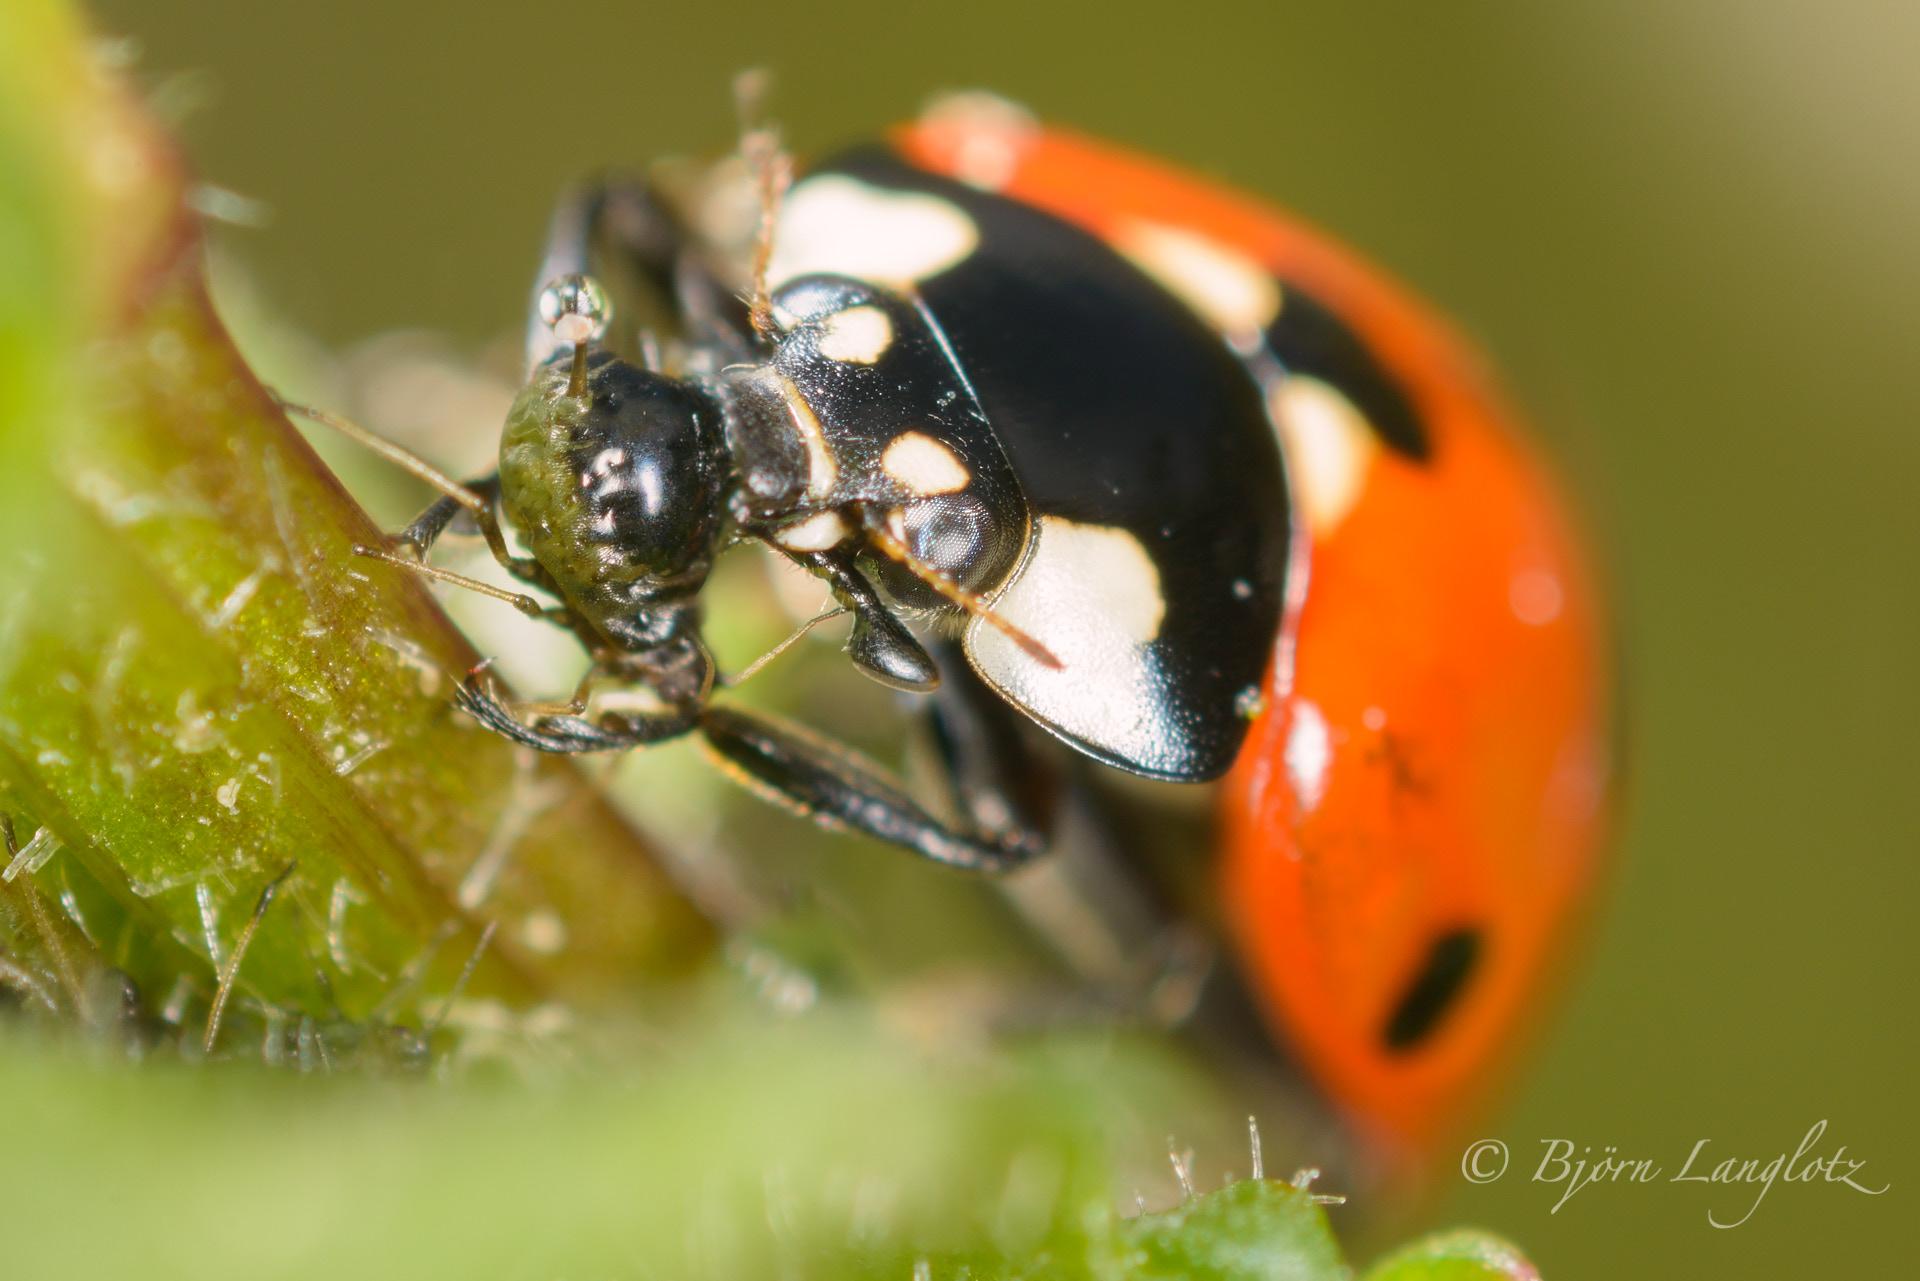 Auf diesem Naturfoto macht sich ein Siebenpunkt-Marienkäfer (Coccinella septempunctata) über eine Blattlaus her (3-fache Vergrößerung).Kamera: NIKON D800E Zeiss Luminar II 63 mm1/125 s bei Blende f/4.5